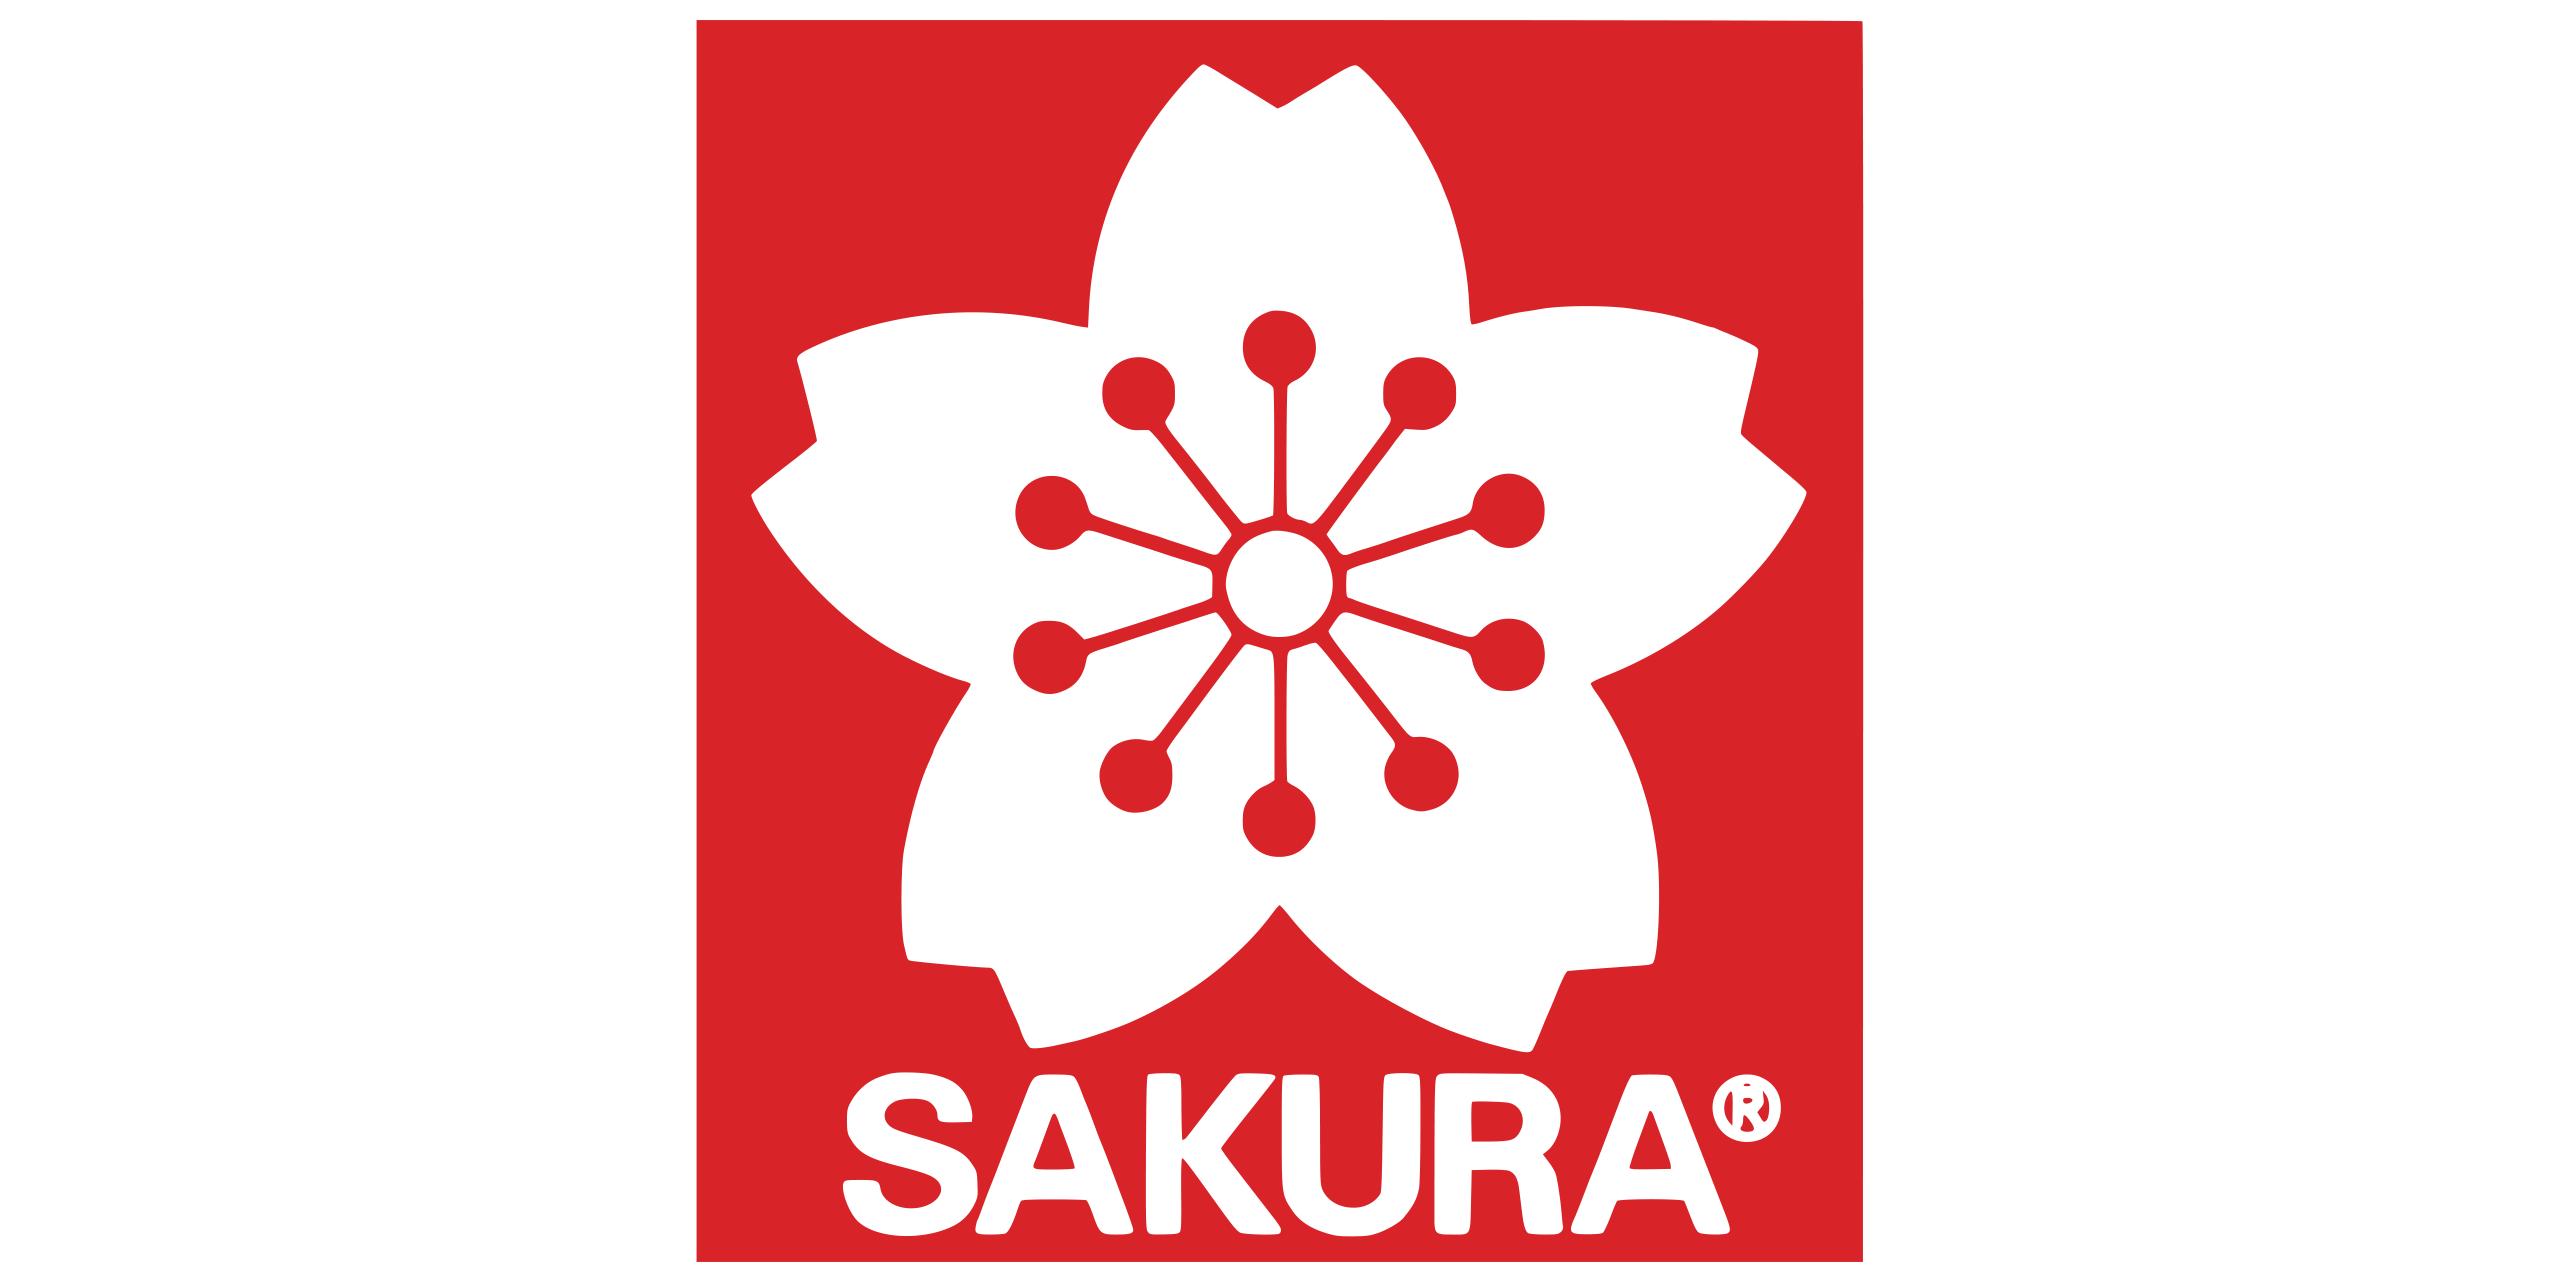 ساكورا | Sakura